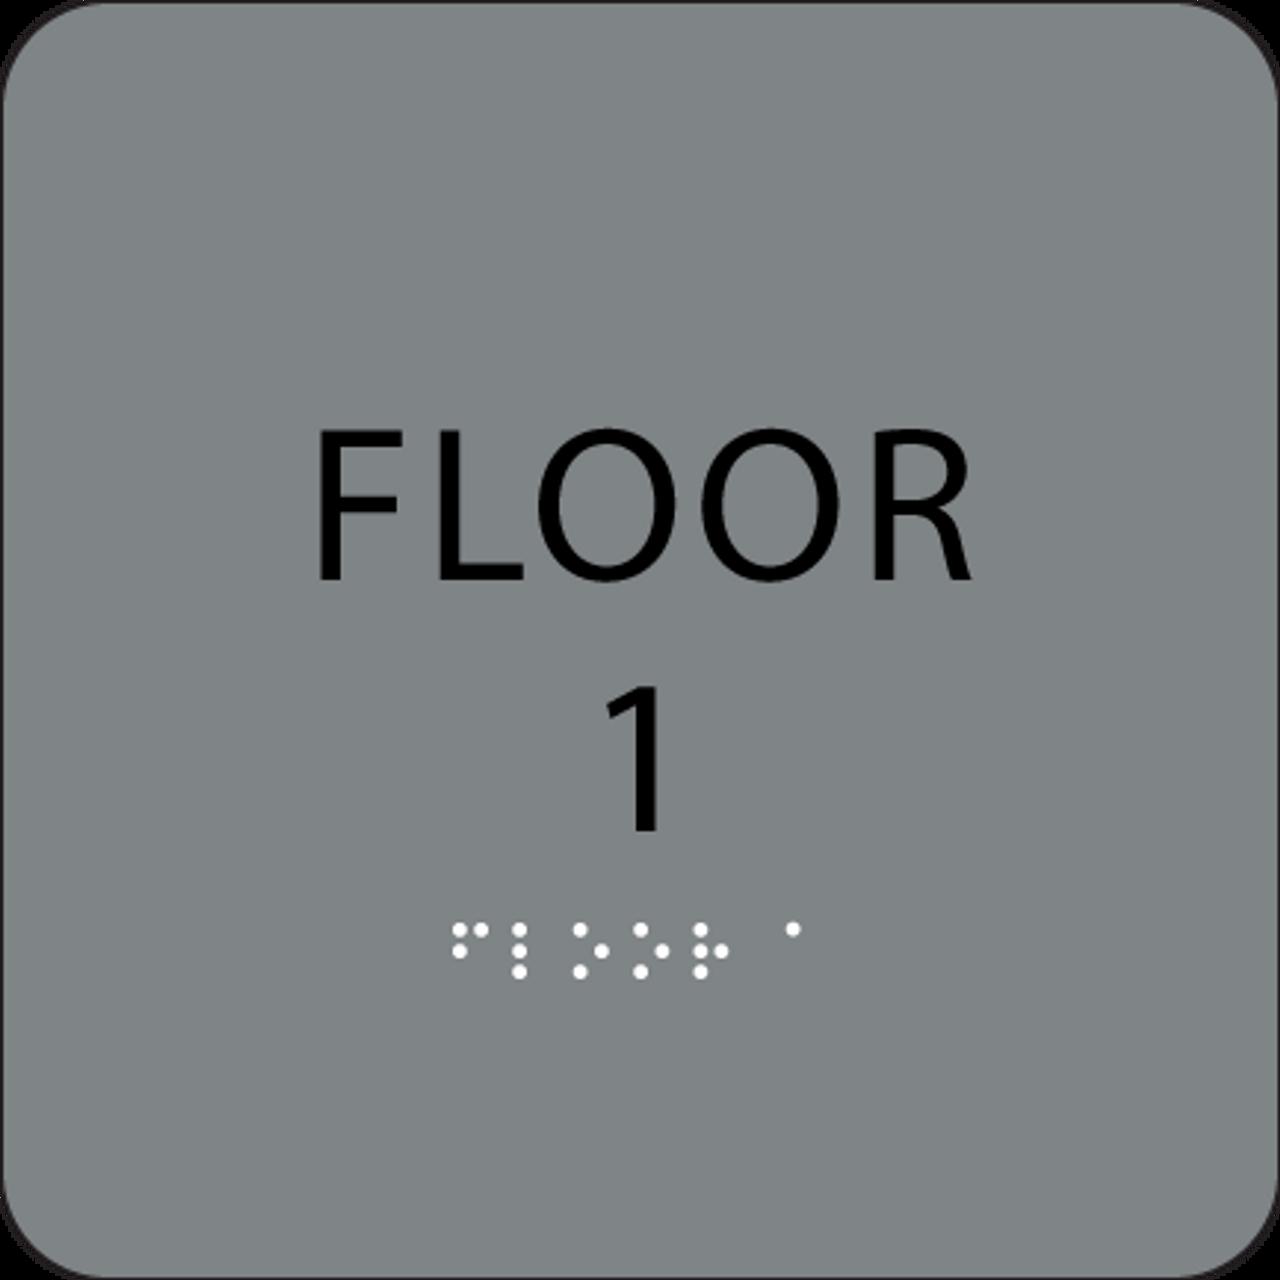 Grey Floor 1 Number Sign